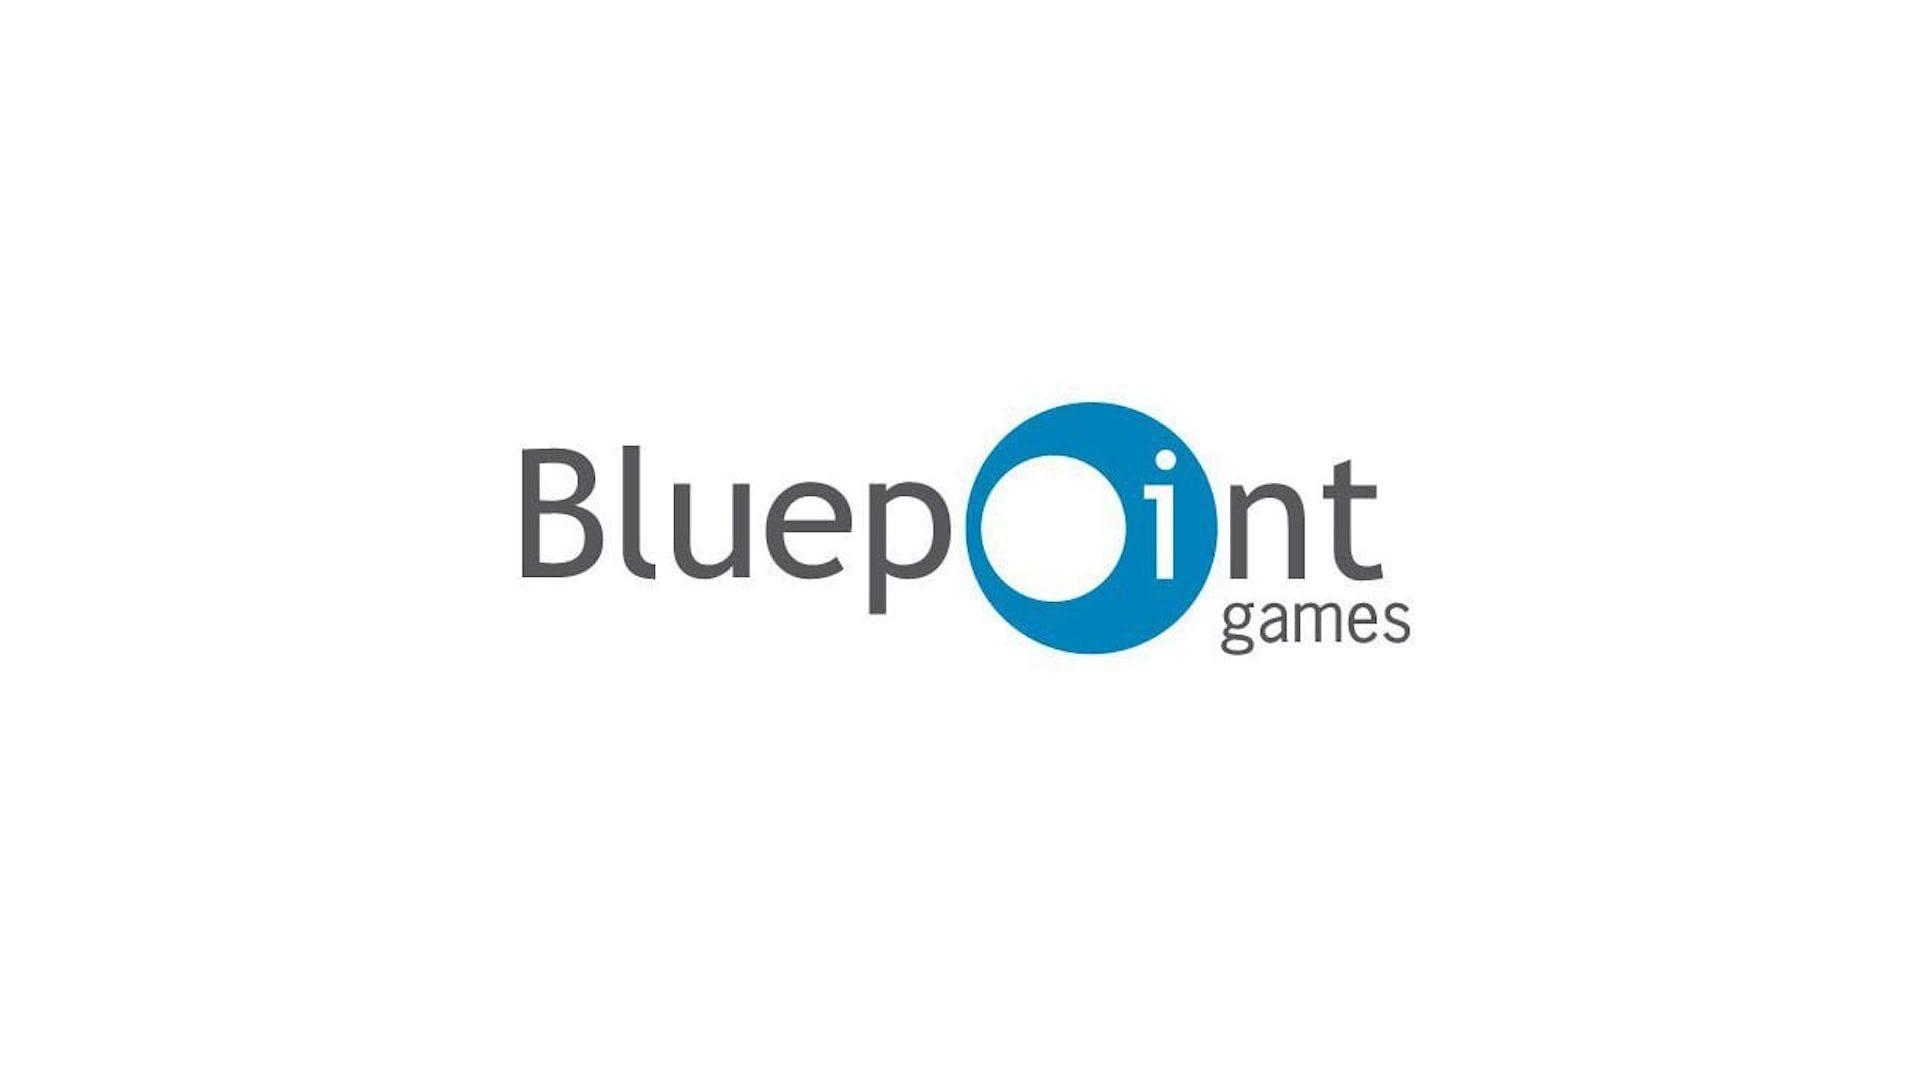 По слухам, Sony обязательно купит Bluepoint Games это лишь вопрос времени